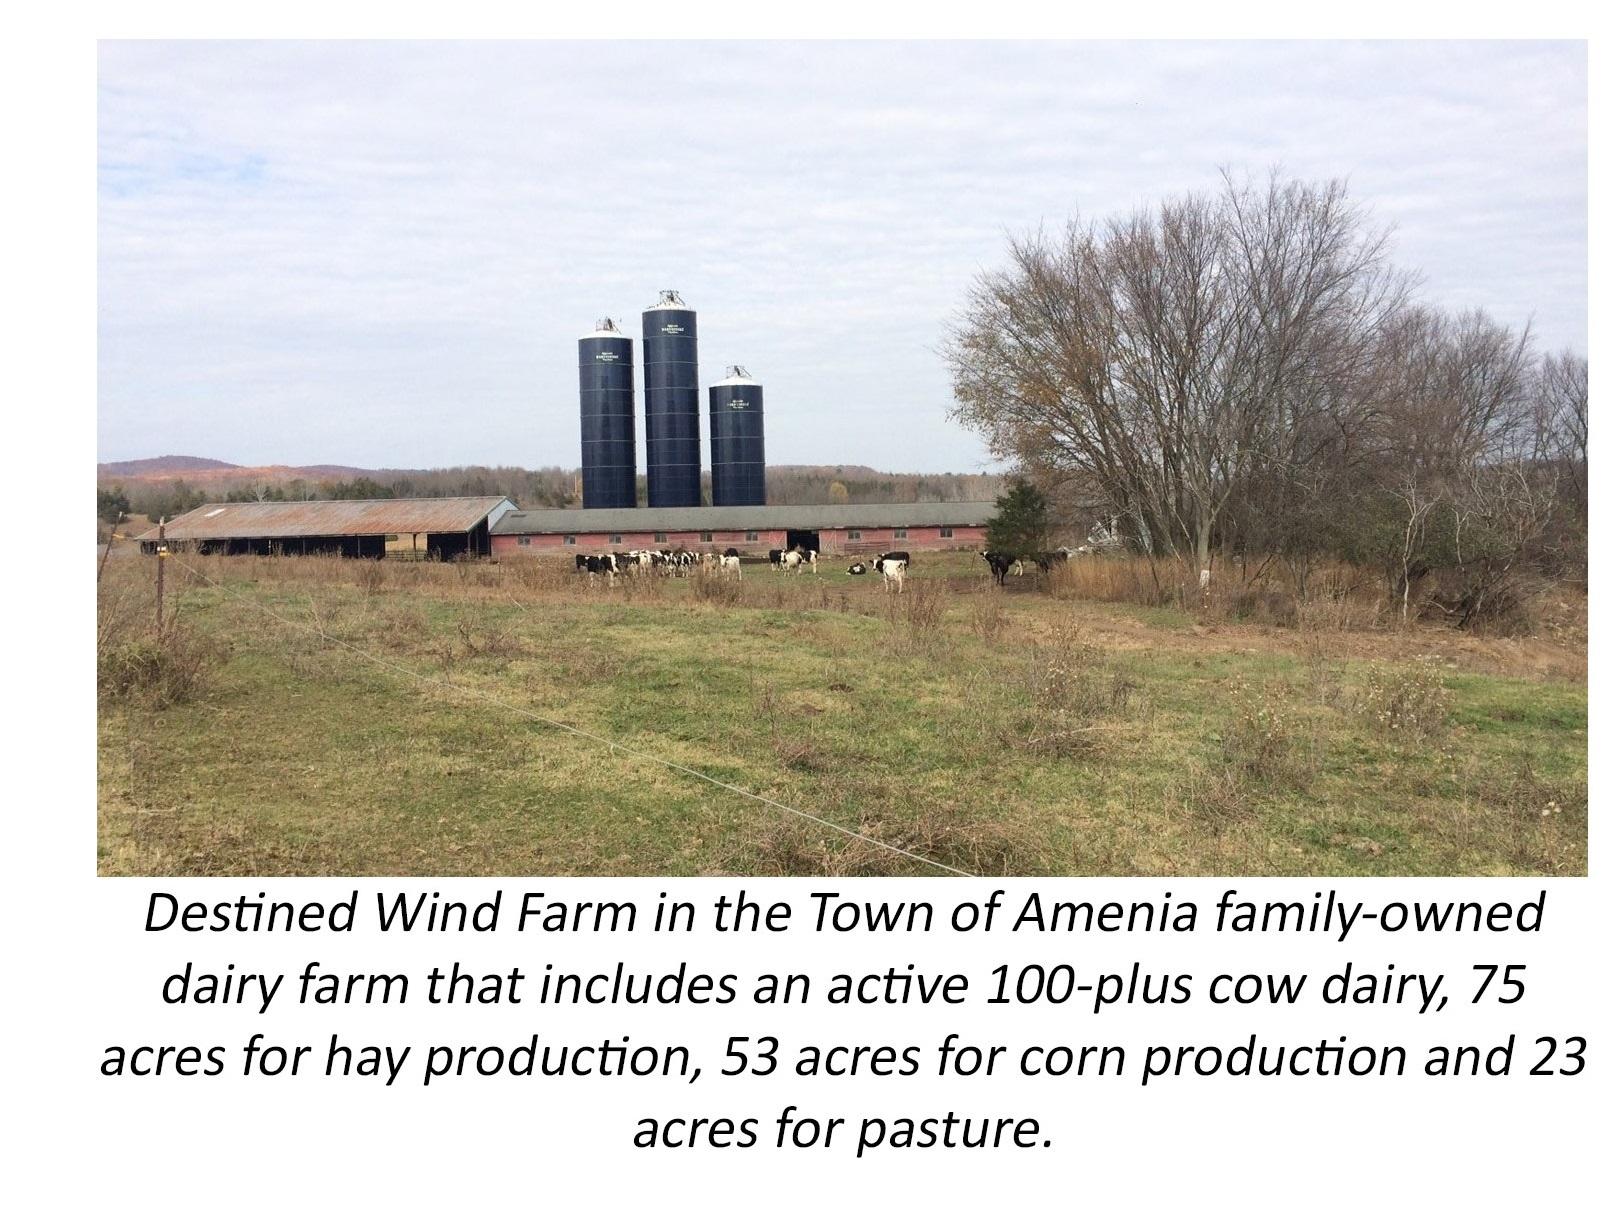 Destined Wind Farm